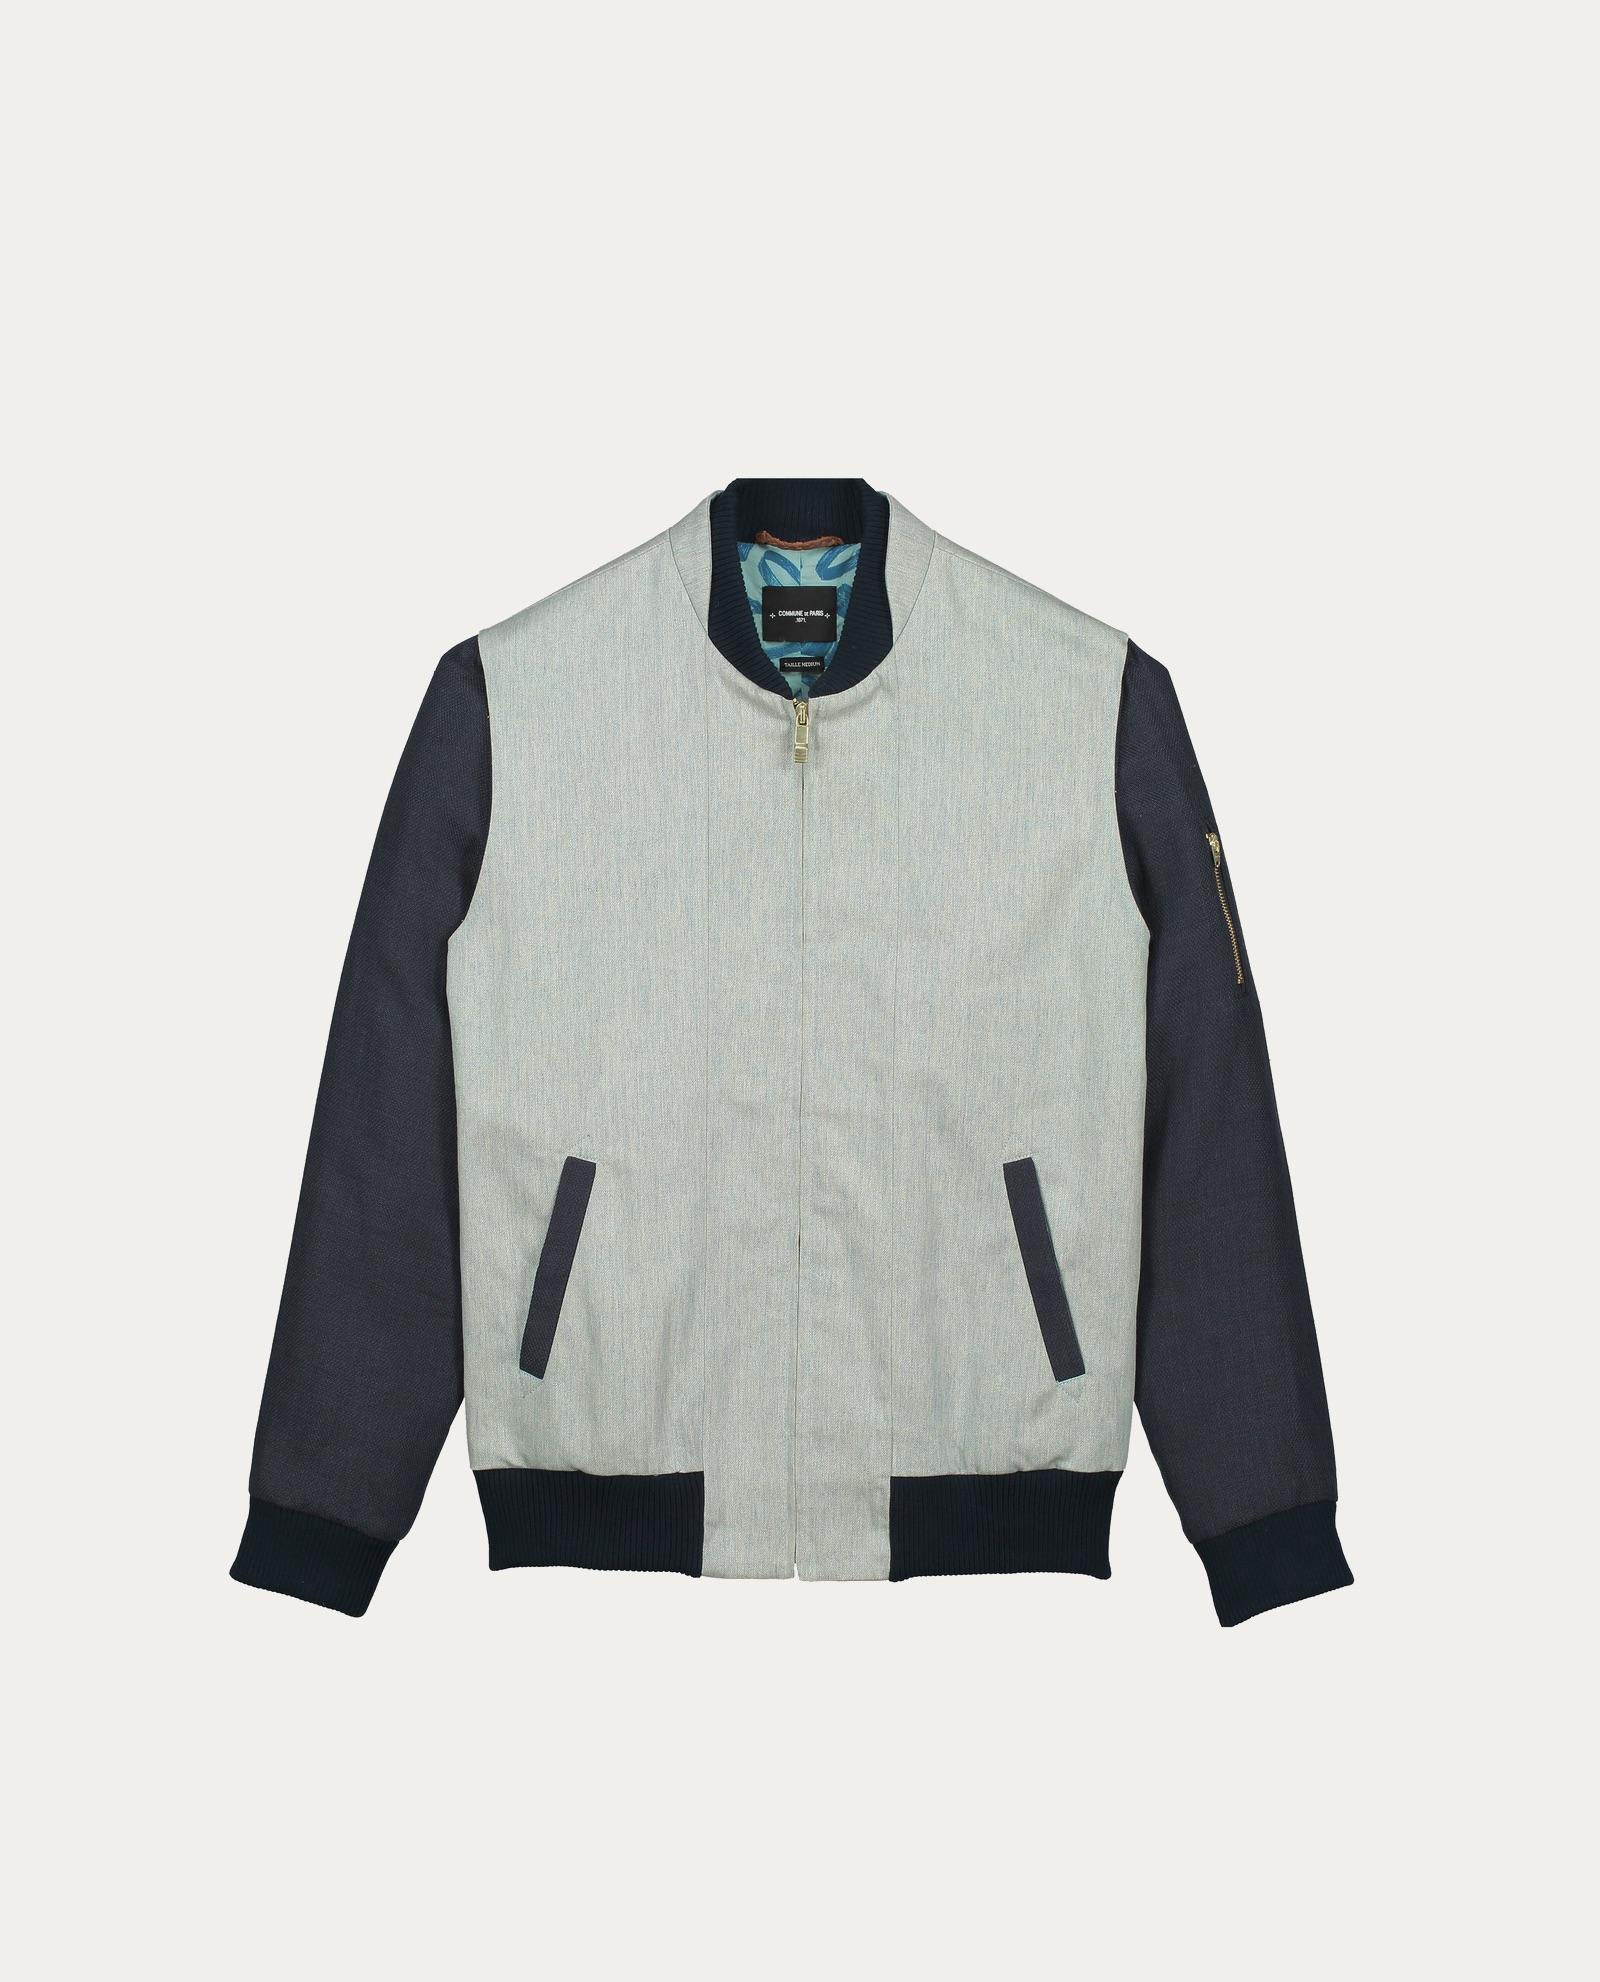 commune_de_paris_1871_jacket_anatole_light_blue